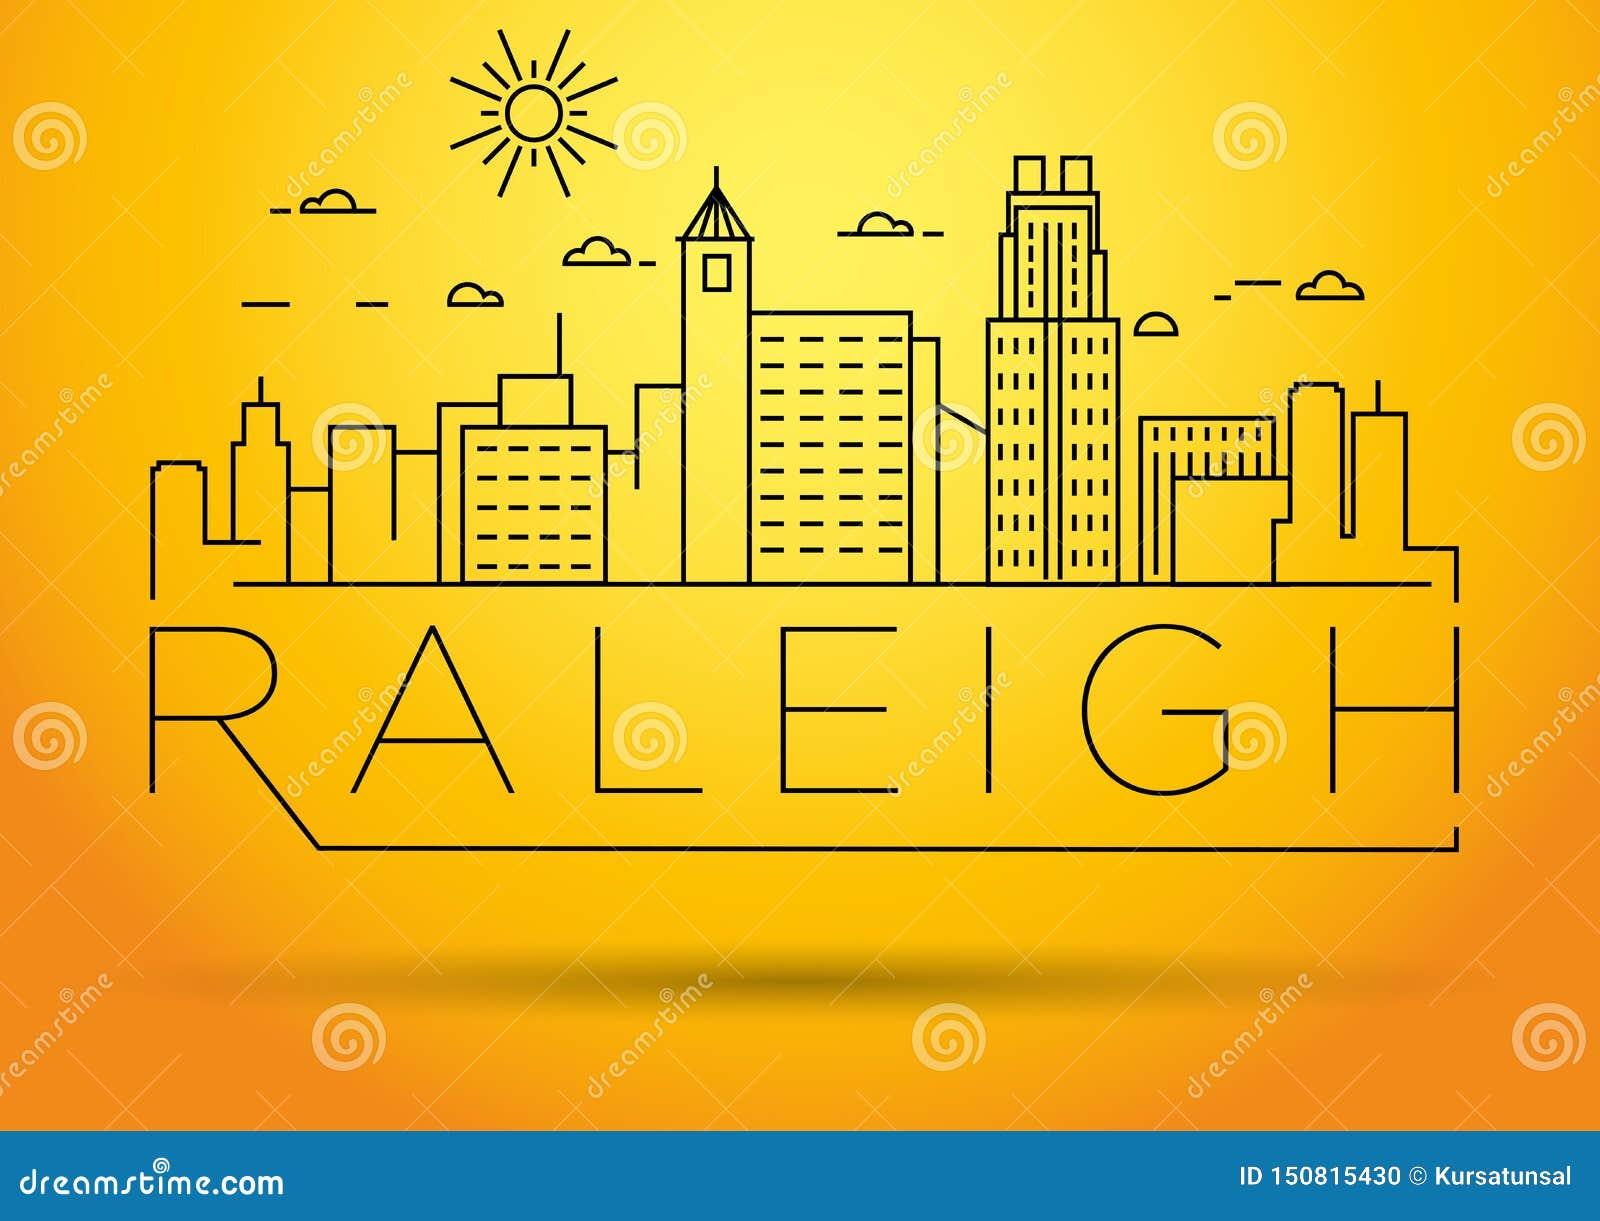 Minimaler Raleigh Linear City Skyline mit typografischem Entwurf